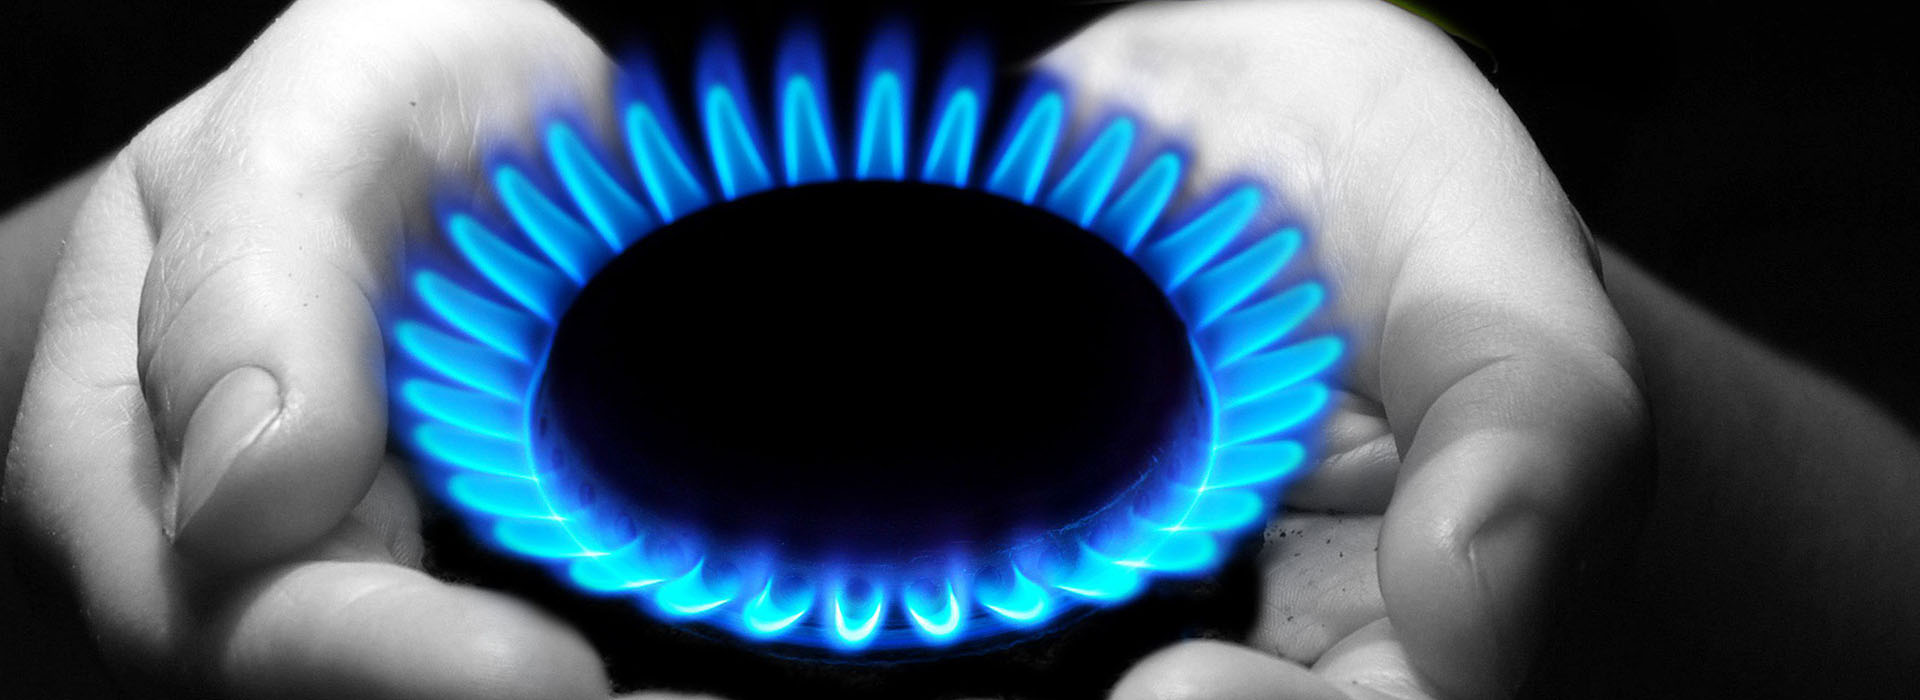 instaladores de gas en Carabanchel